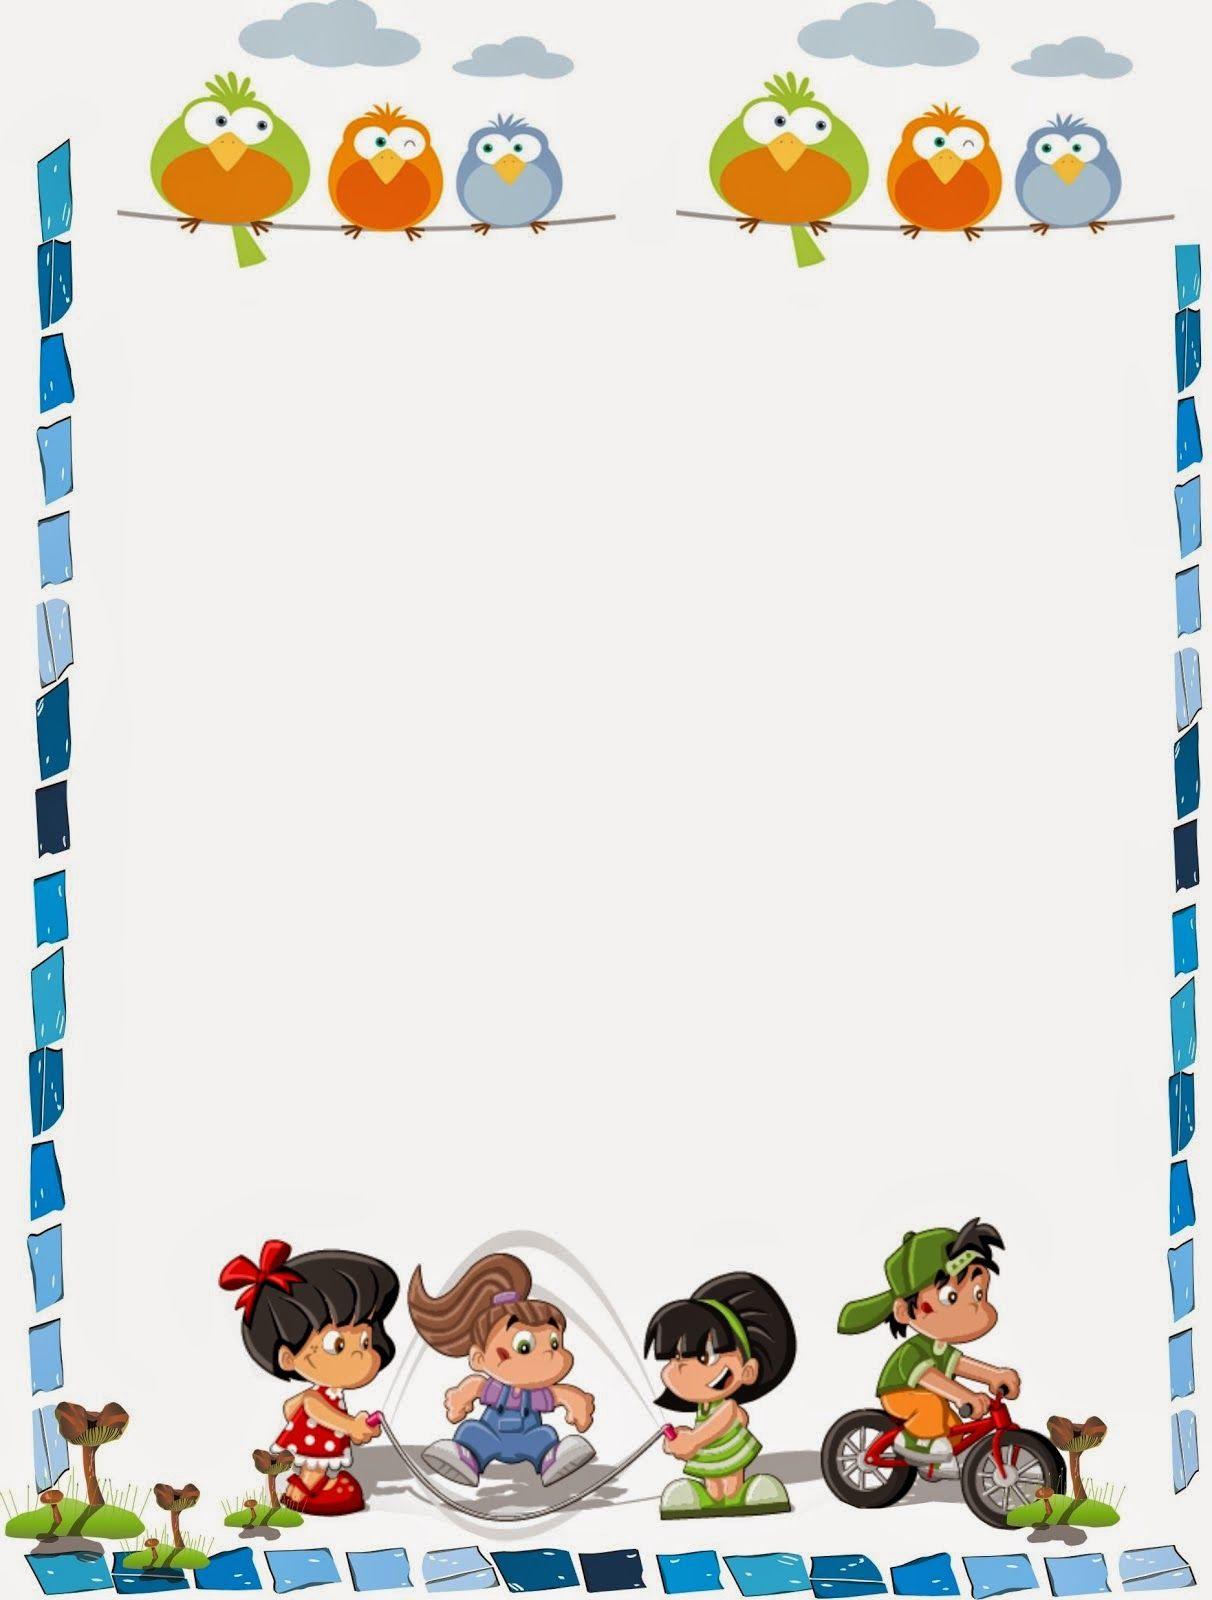 caratula para niños de kinder | MARCOS | Pinterest